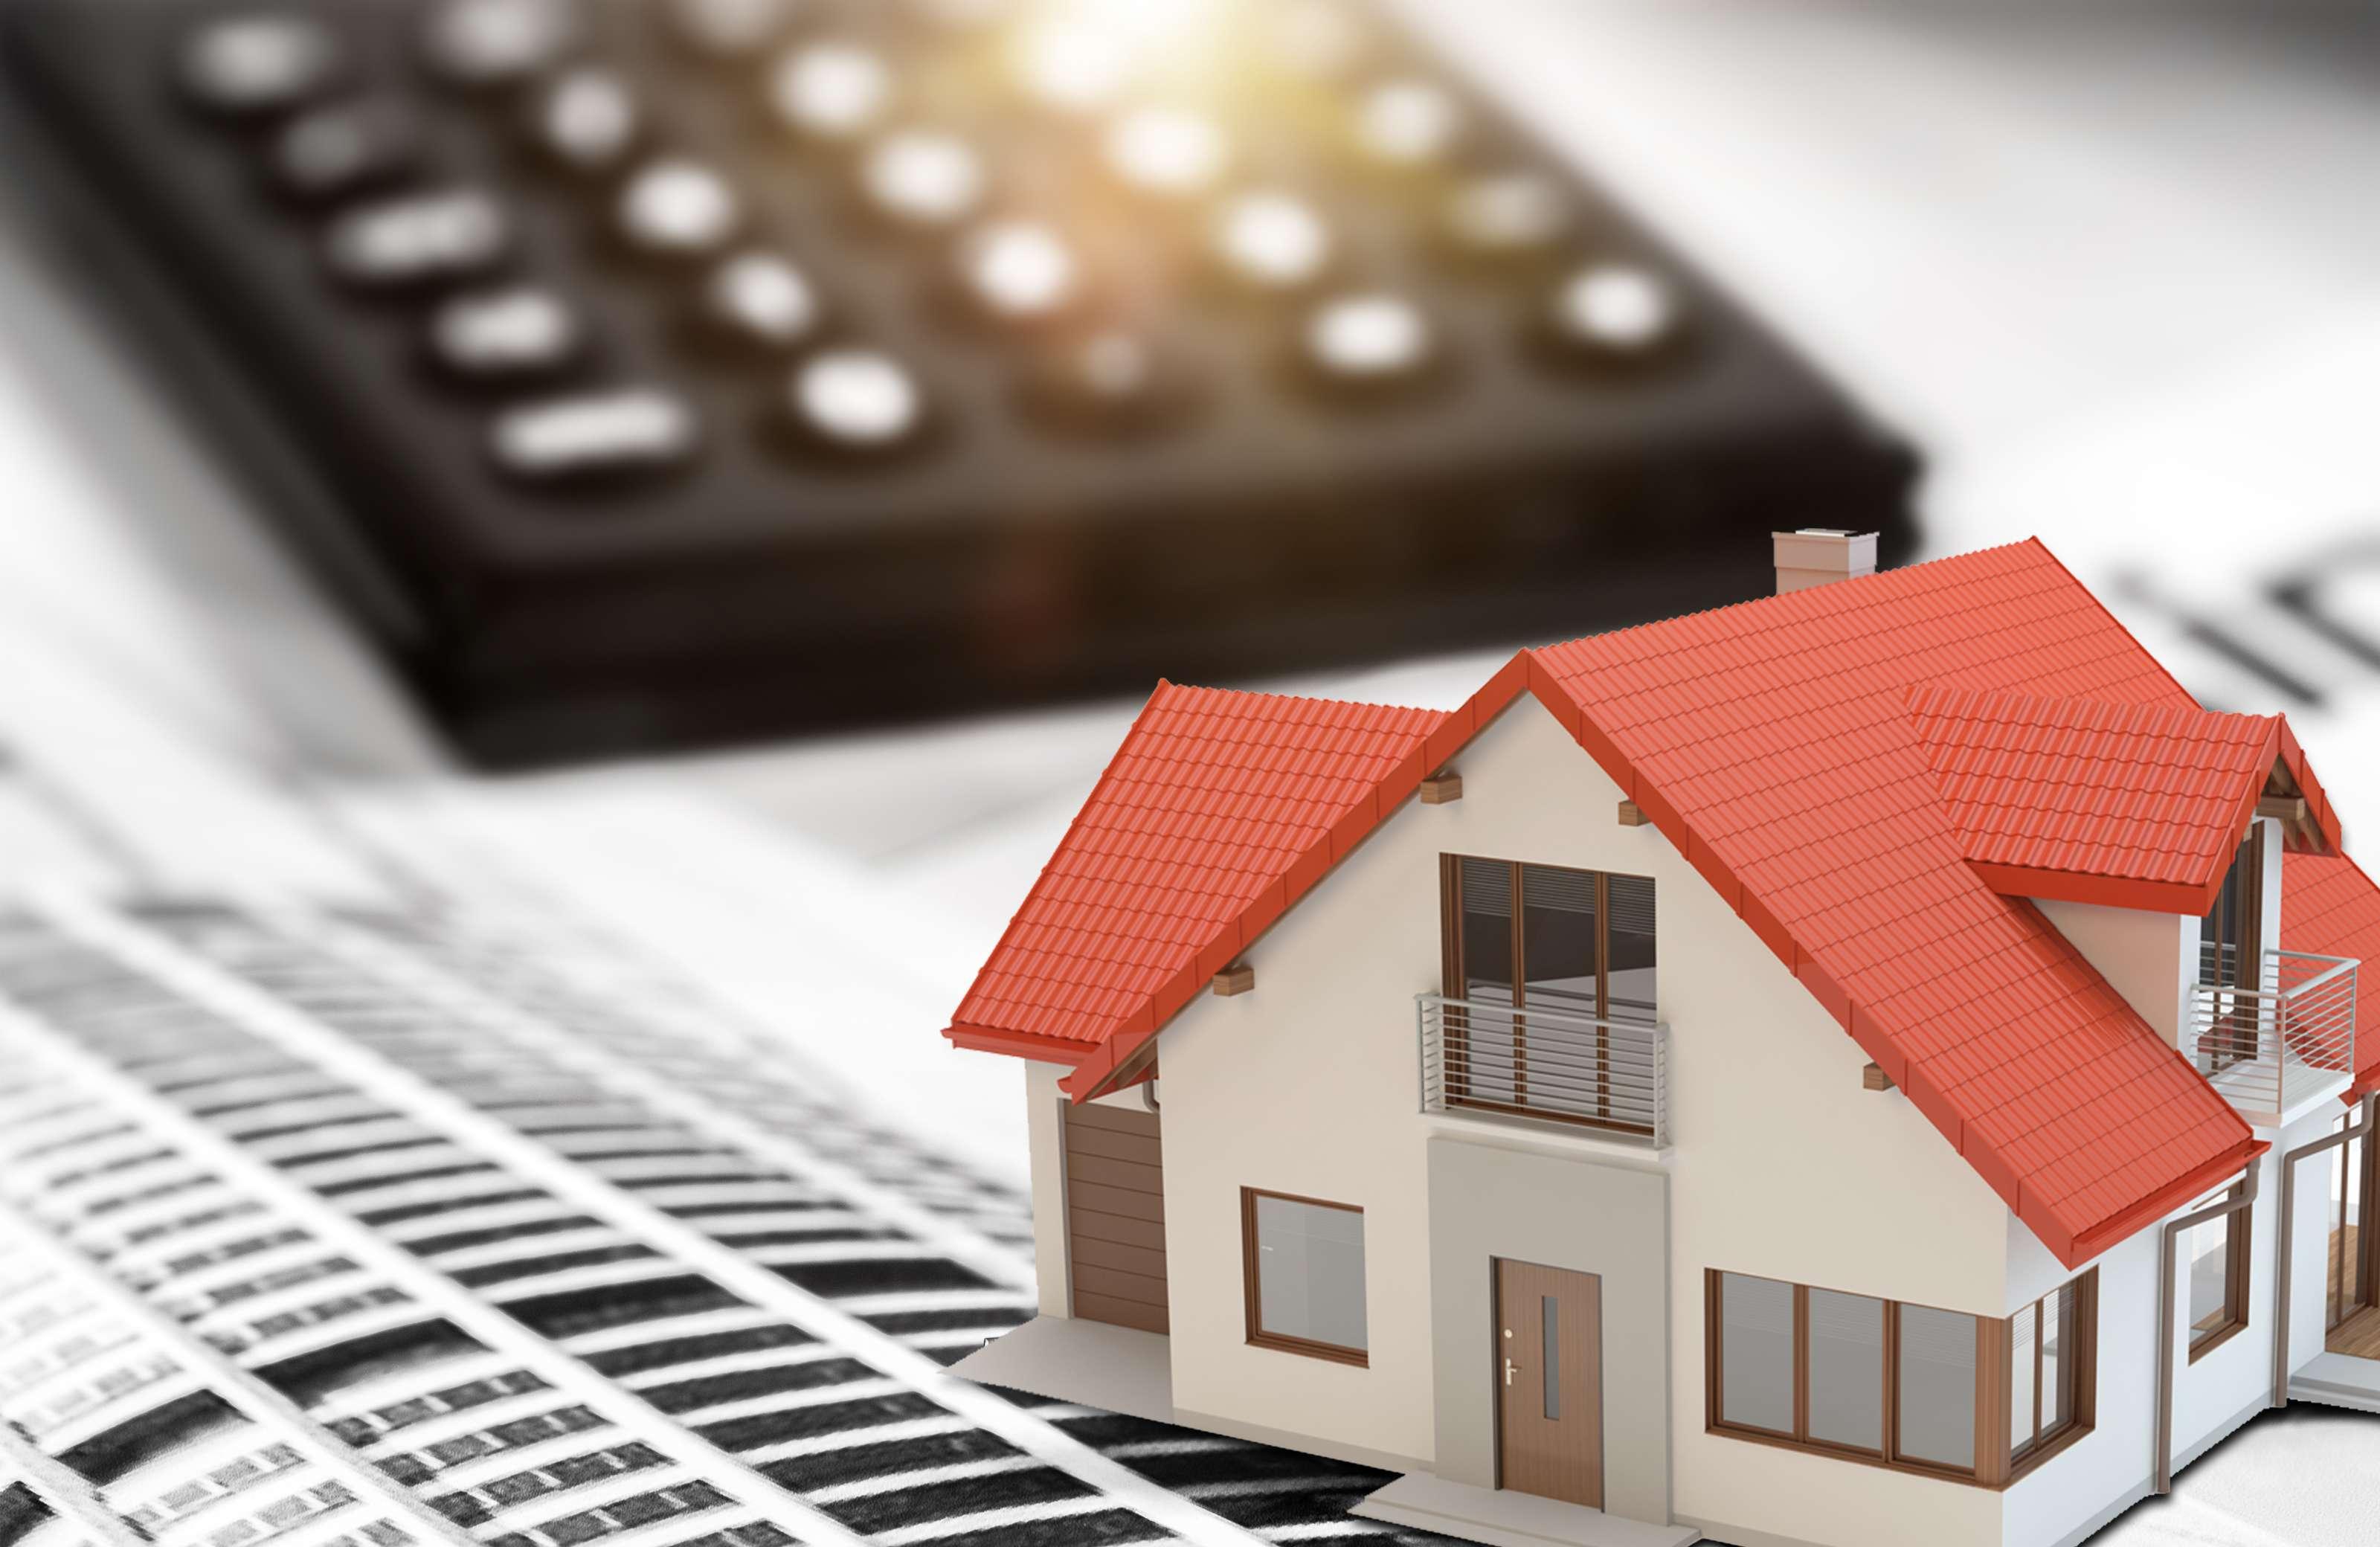 58同城、安居客发布《2020年百万房地产经纪人生存报告》:过半房地产经纪人无固定底薪